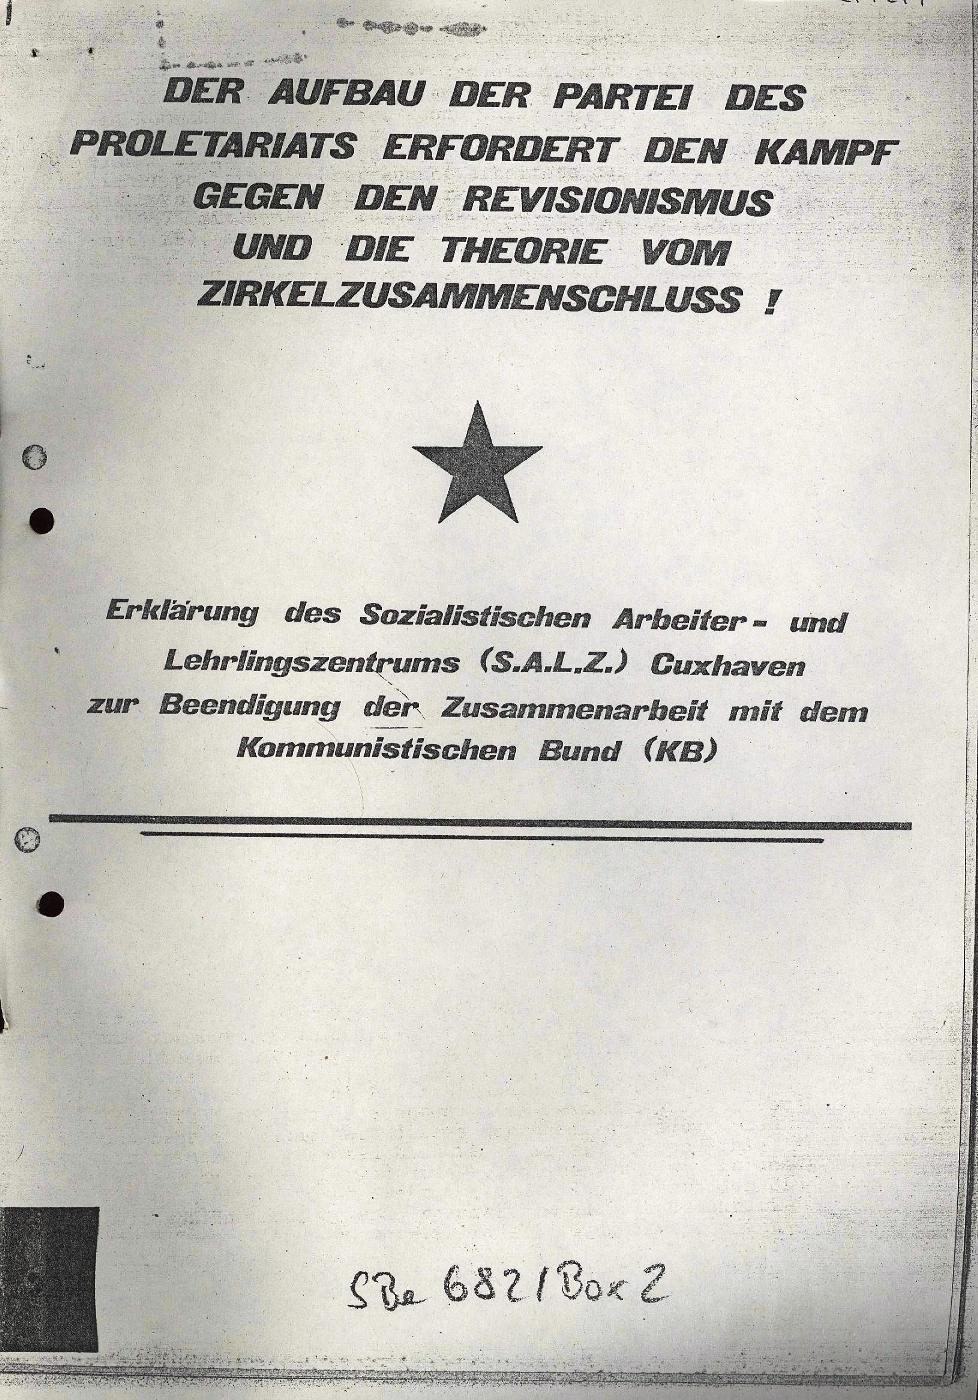 Erklärung des SALZ Cuxhaven, Juni 1972